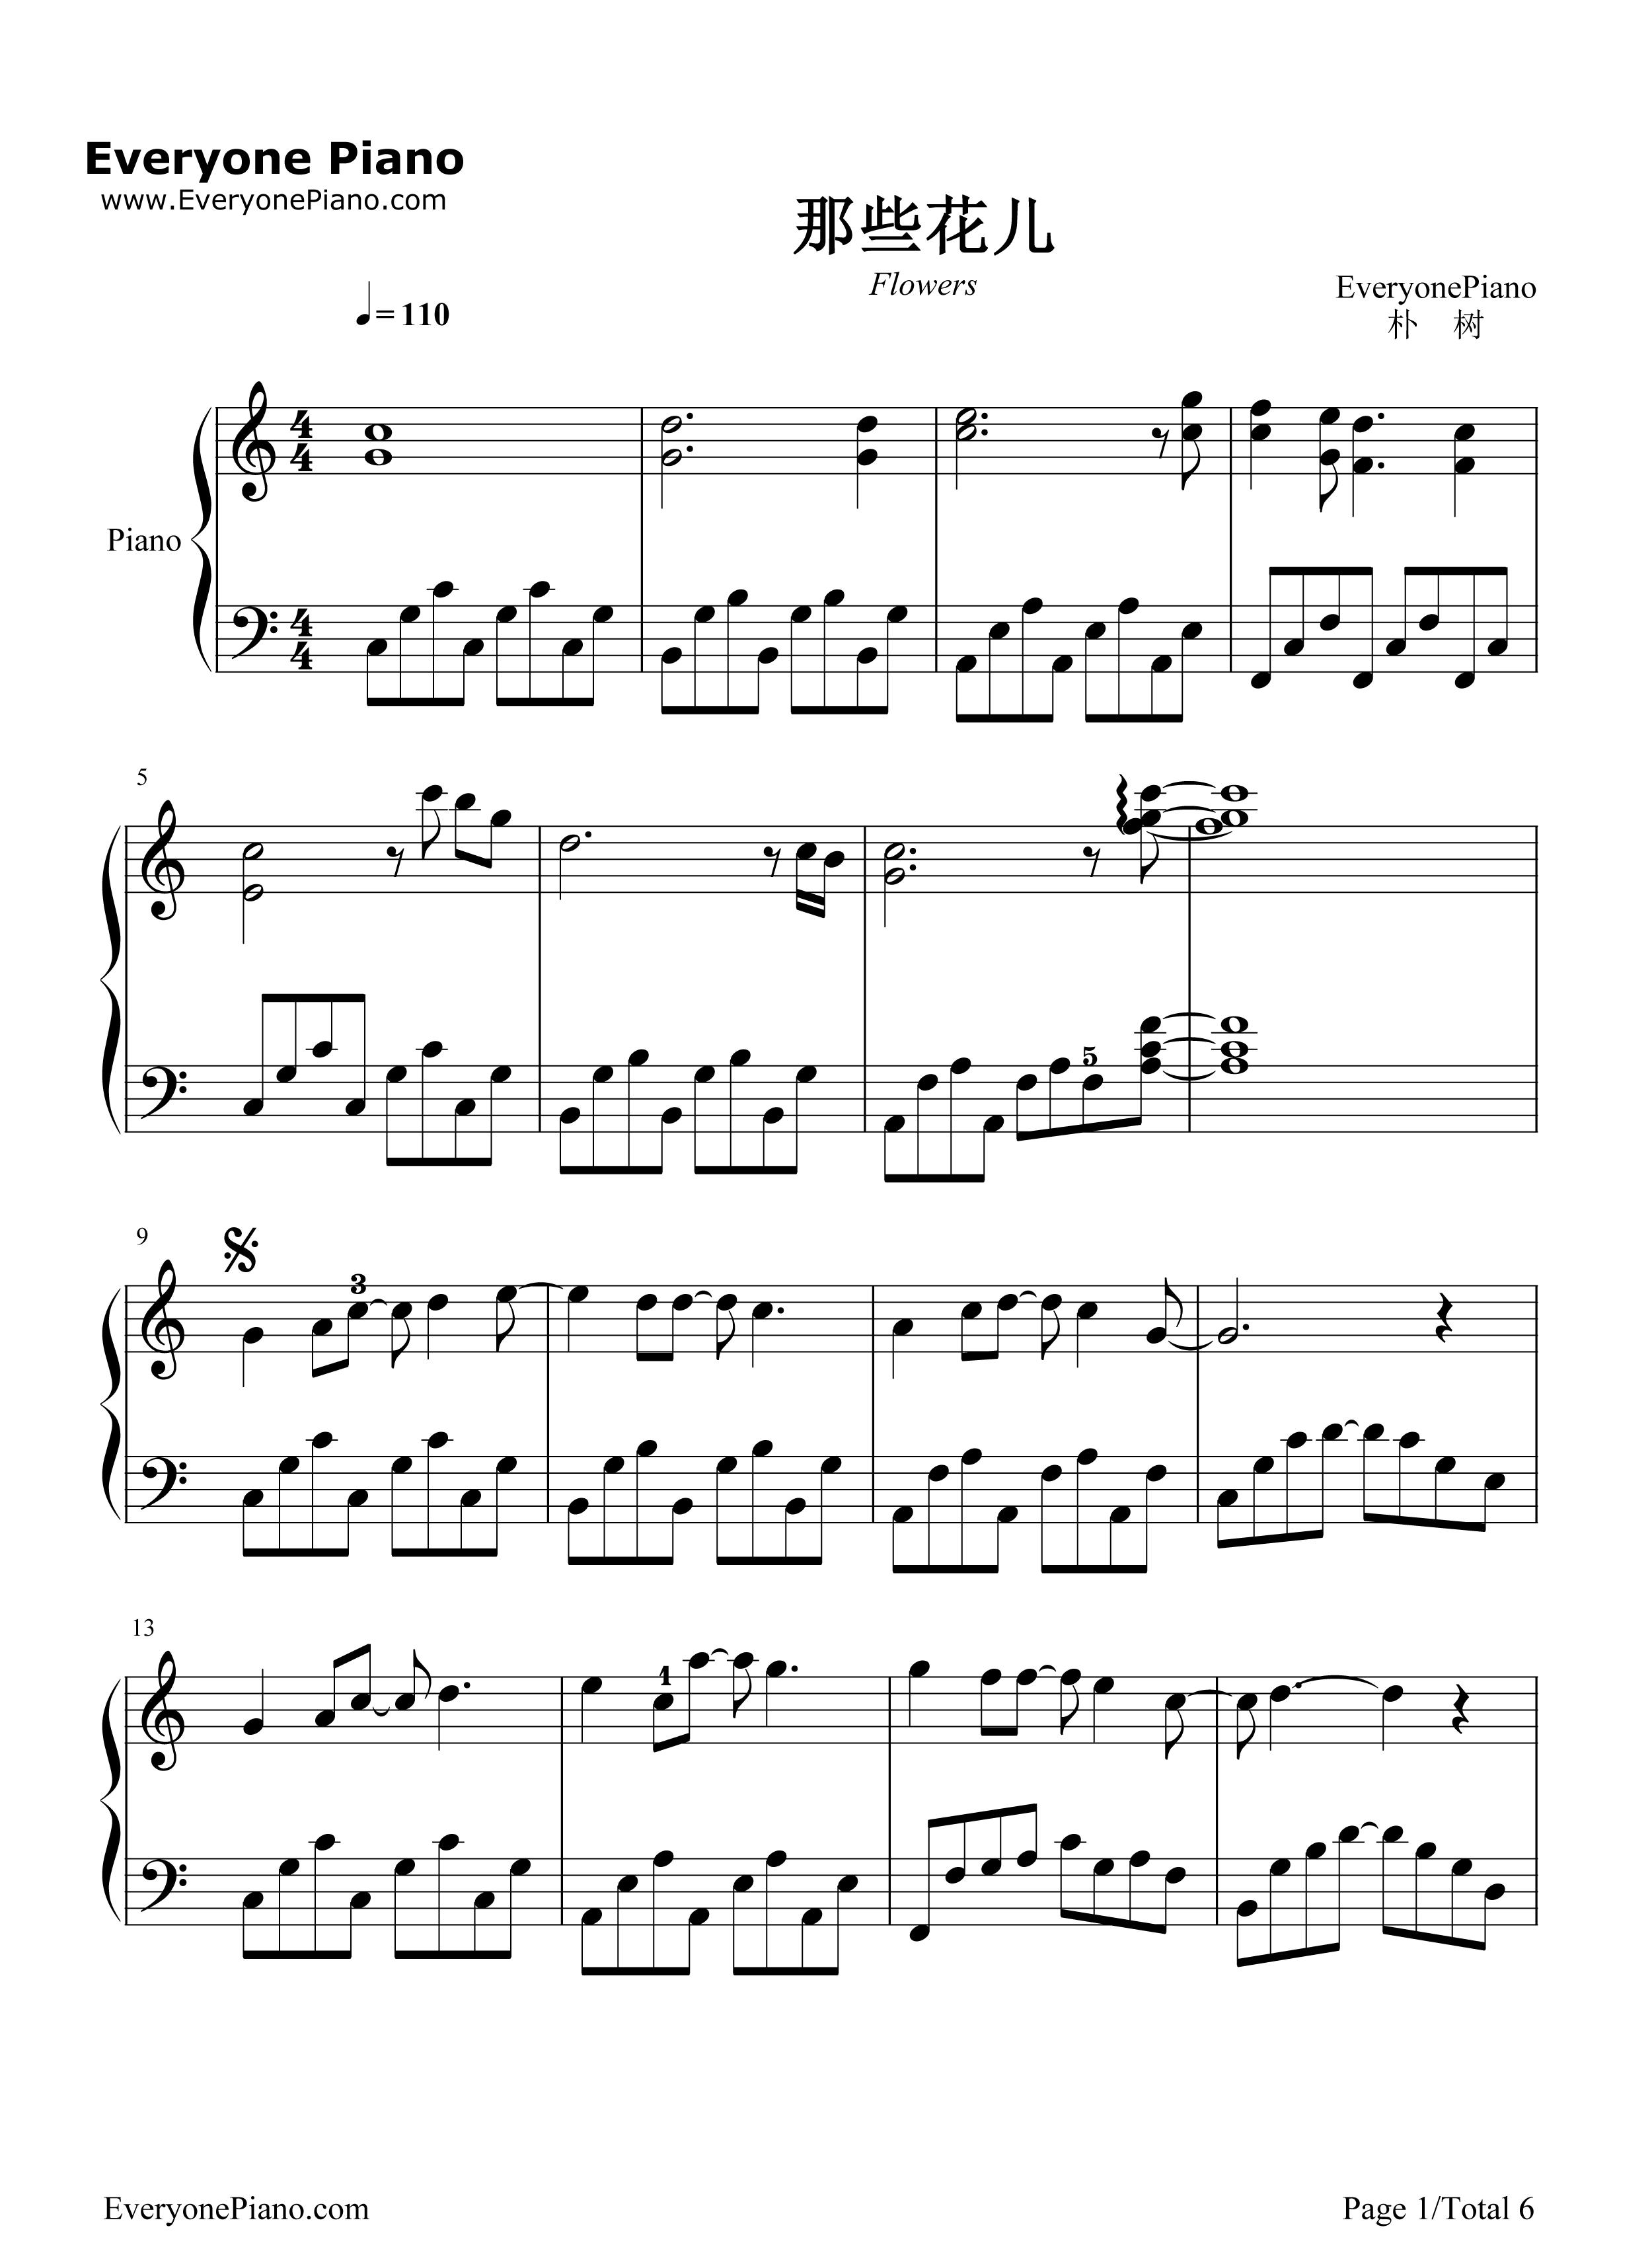 钢琴曲谱 流行 那些花儿-朴树 那些花儿-朴树五线谱预览1  }  仅供